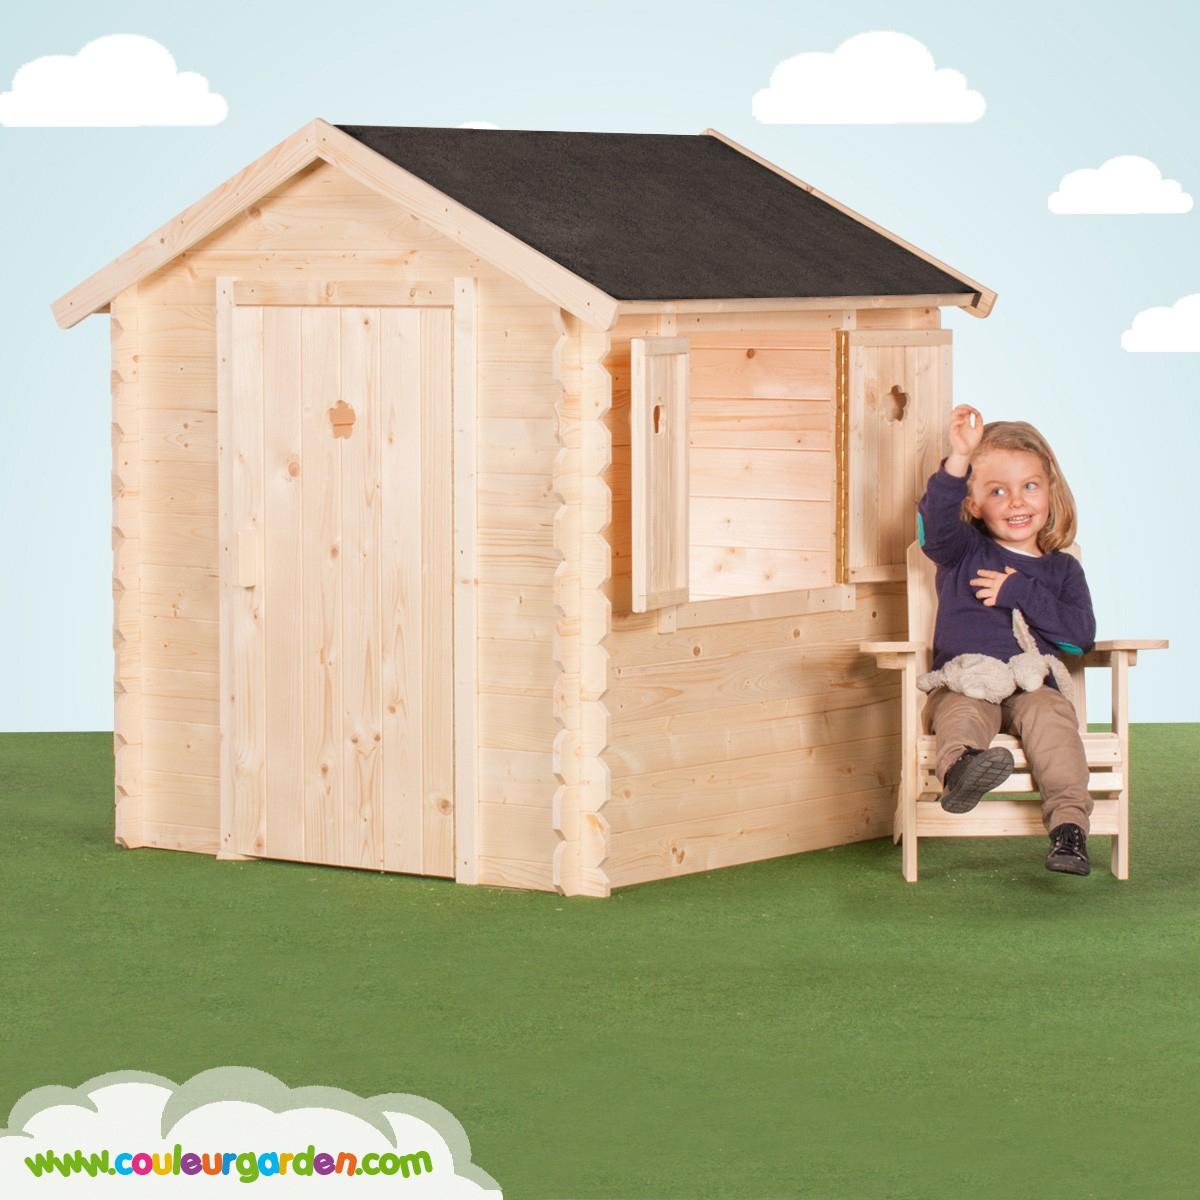 Cabane De Jardin En Bois Pas Cher Maison En Bois Pour Enfant ... concernant Abri Jardin Enfant